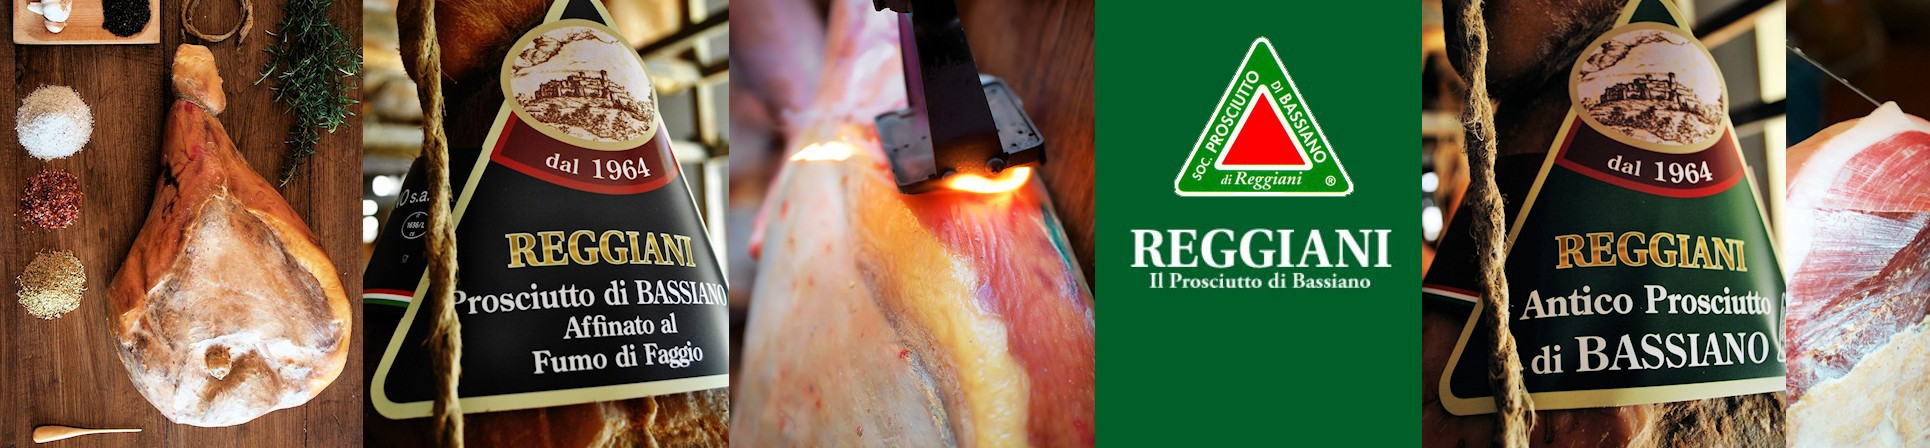 Prosciutto di Bassiano - Reggiani - vendita online